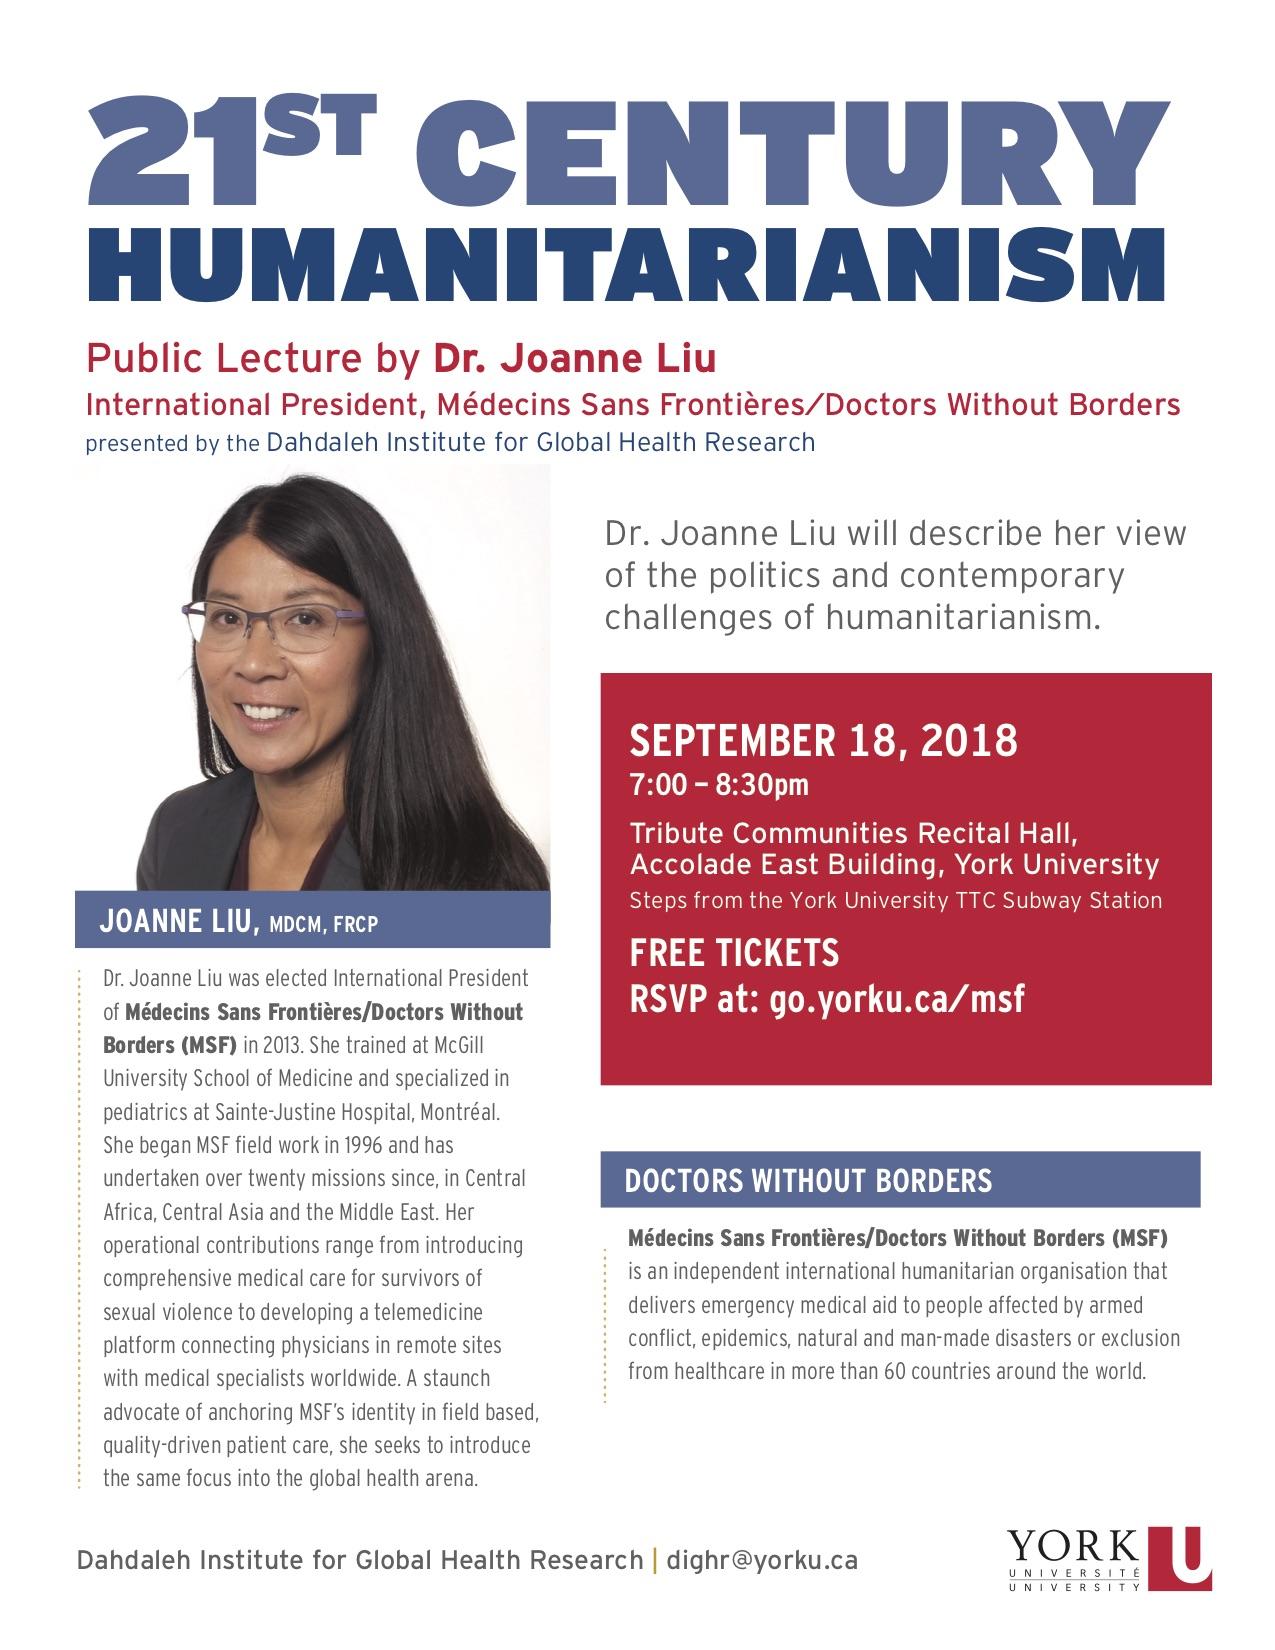 21st Century Humanitarianism poster